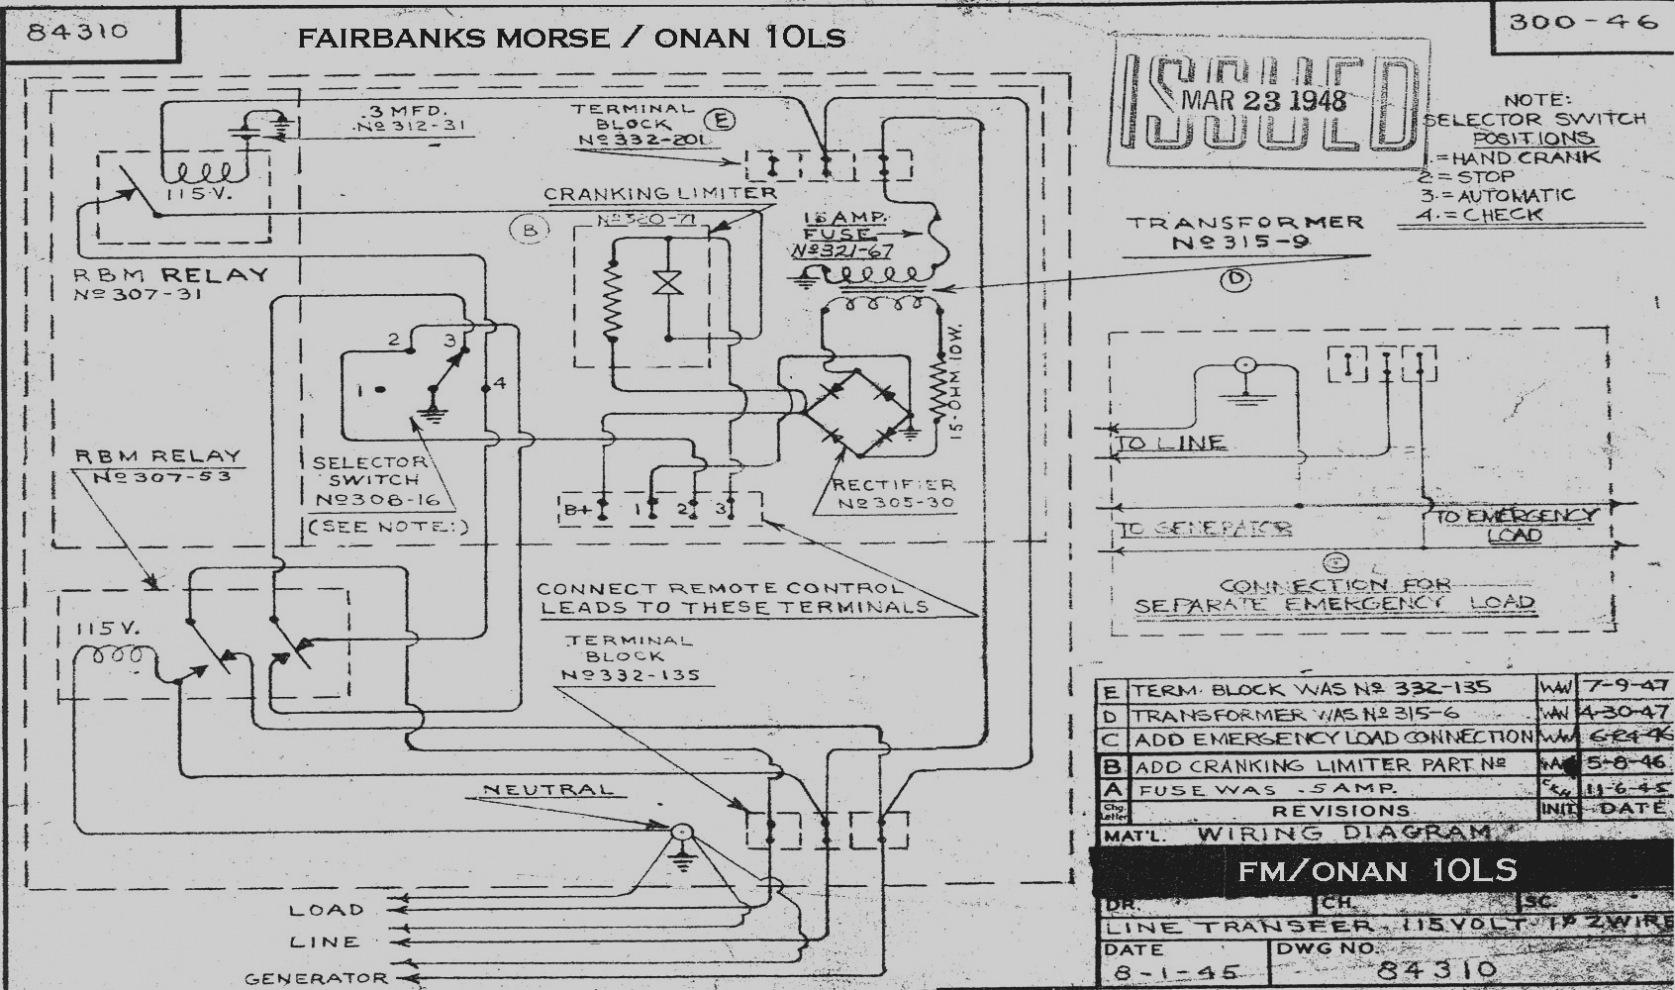 Onan Remote Start Wiring Diagram - Motherwill - Remote Starter Wiring Diagram